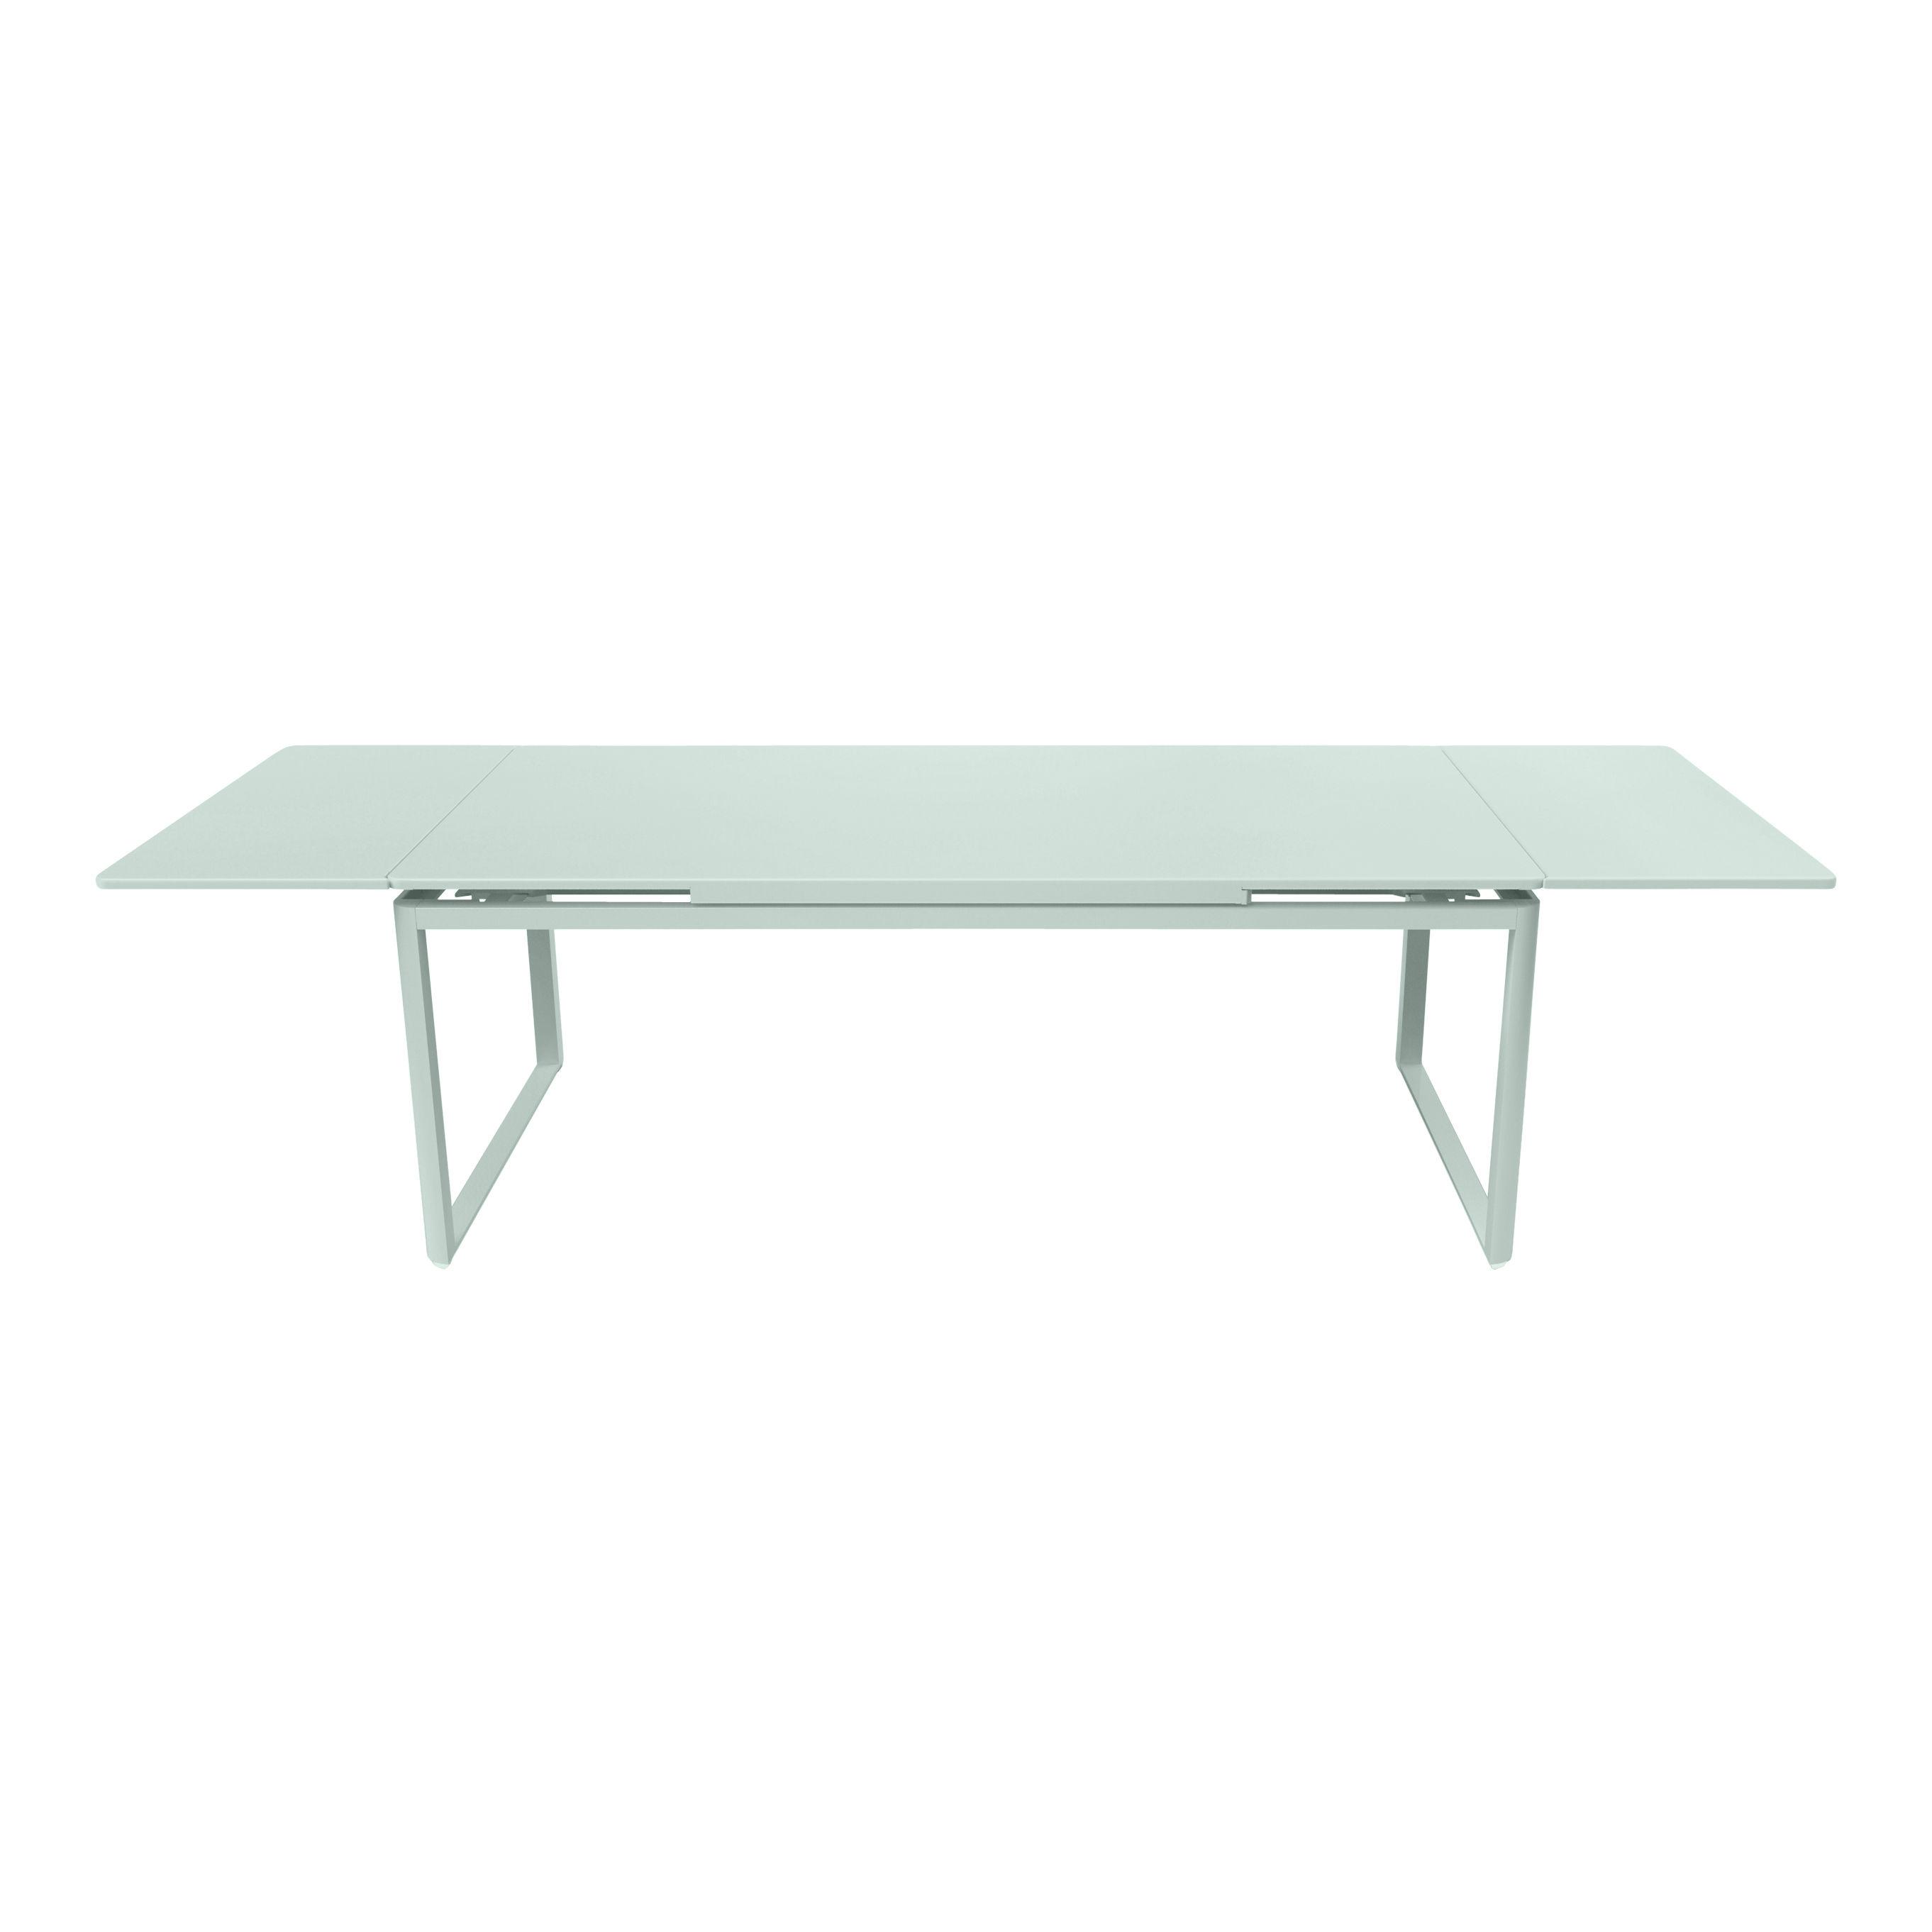 Outdoor - Tische - Biarritz Ausziehtisch / L 200 bis 300 cm - Fermob - Gletscherminze - lackierter Stahl, lackiertes Aluminium